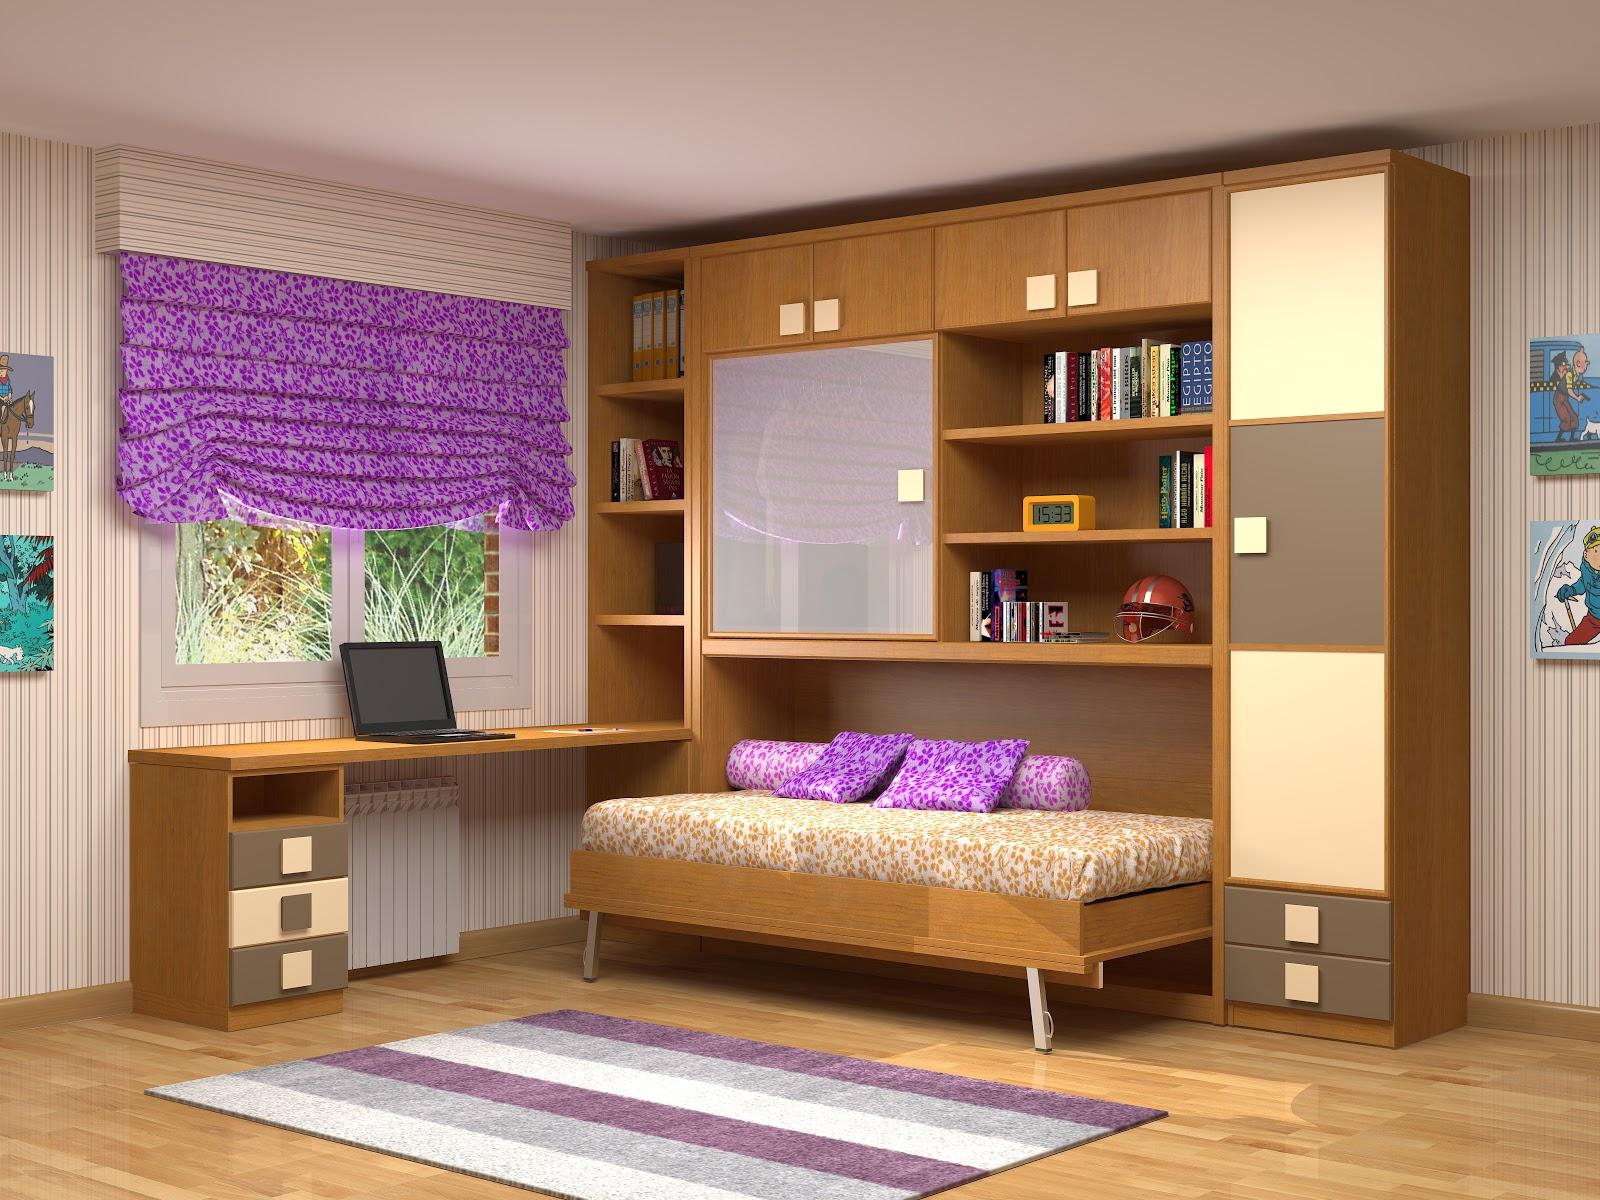 Camas abatibles juveniles para espacios reducidos simple for Muebles habitacion pequena